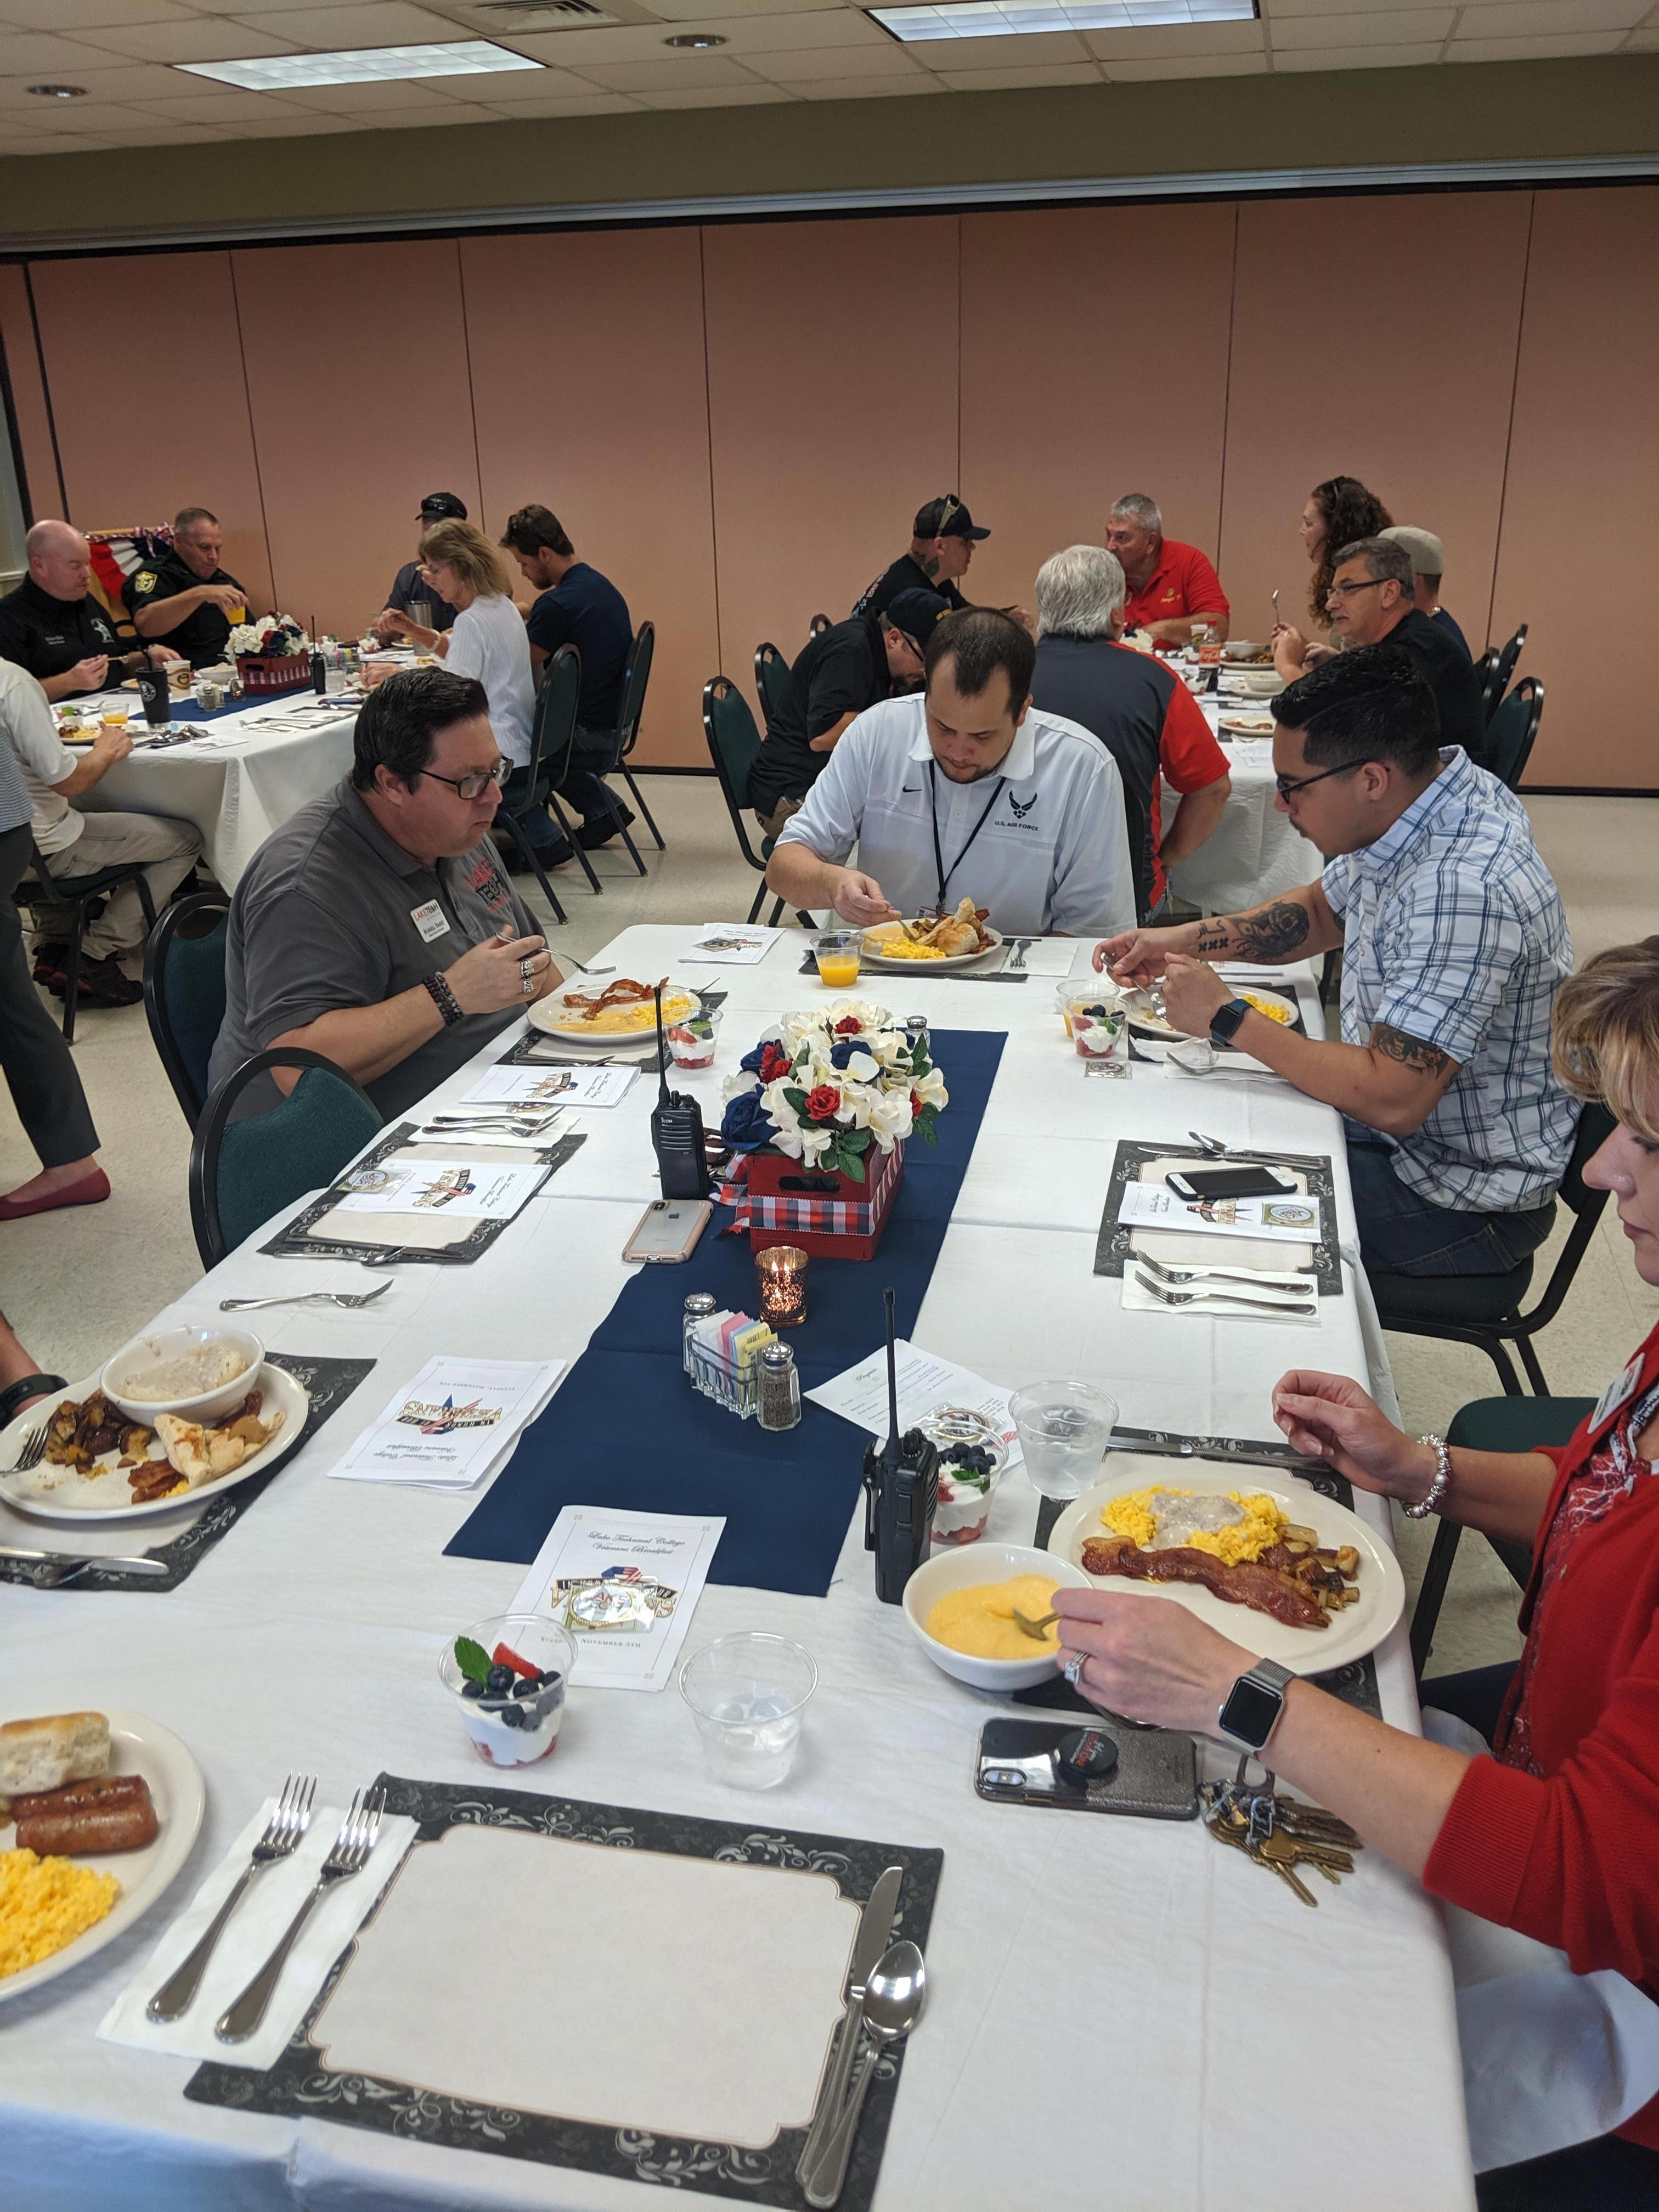 Veterans Breakfast12 110819 e1573573685596 Student Affairs 11/08/19